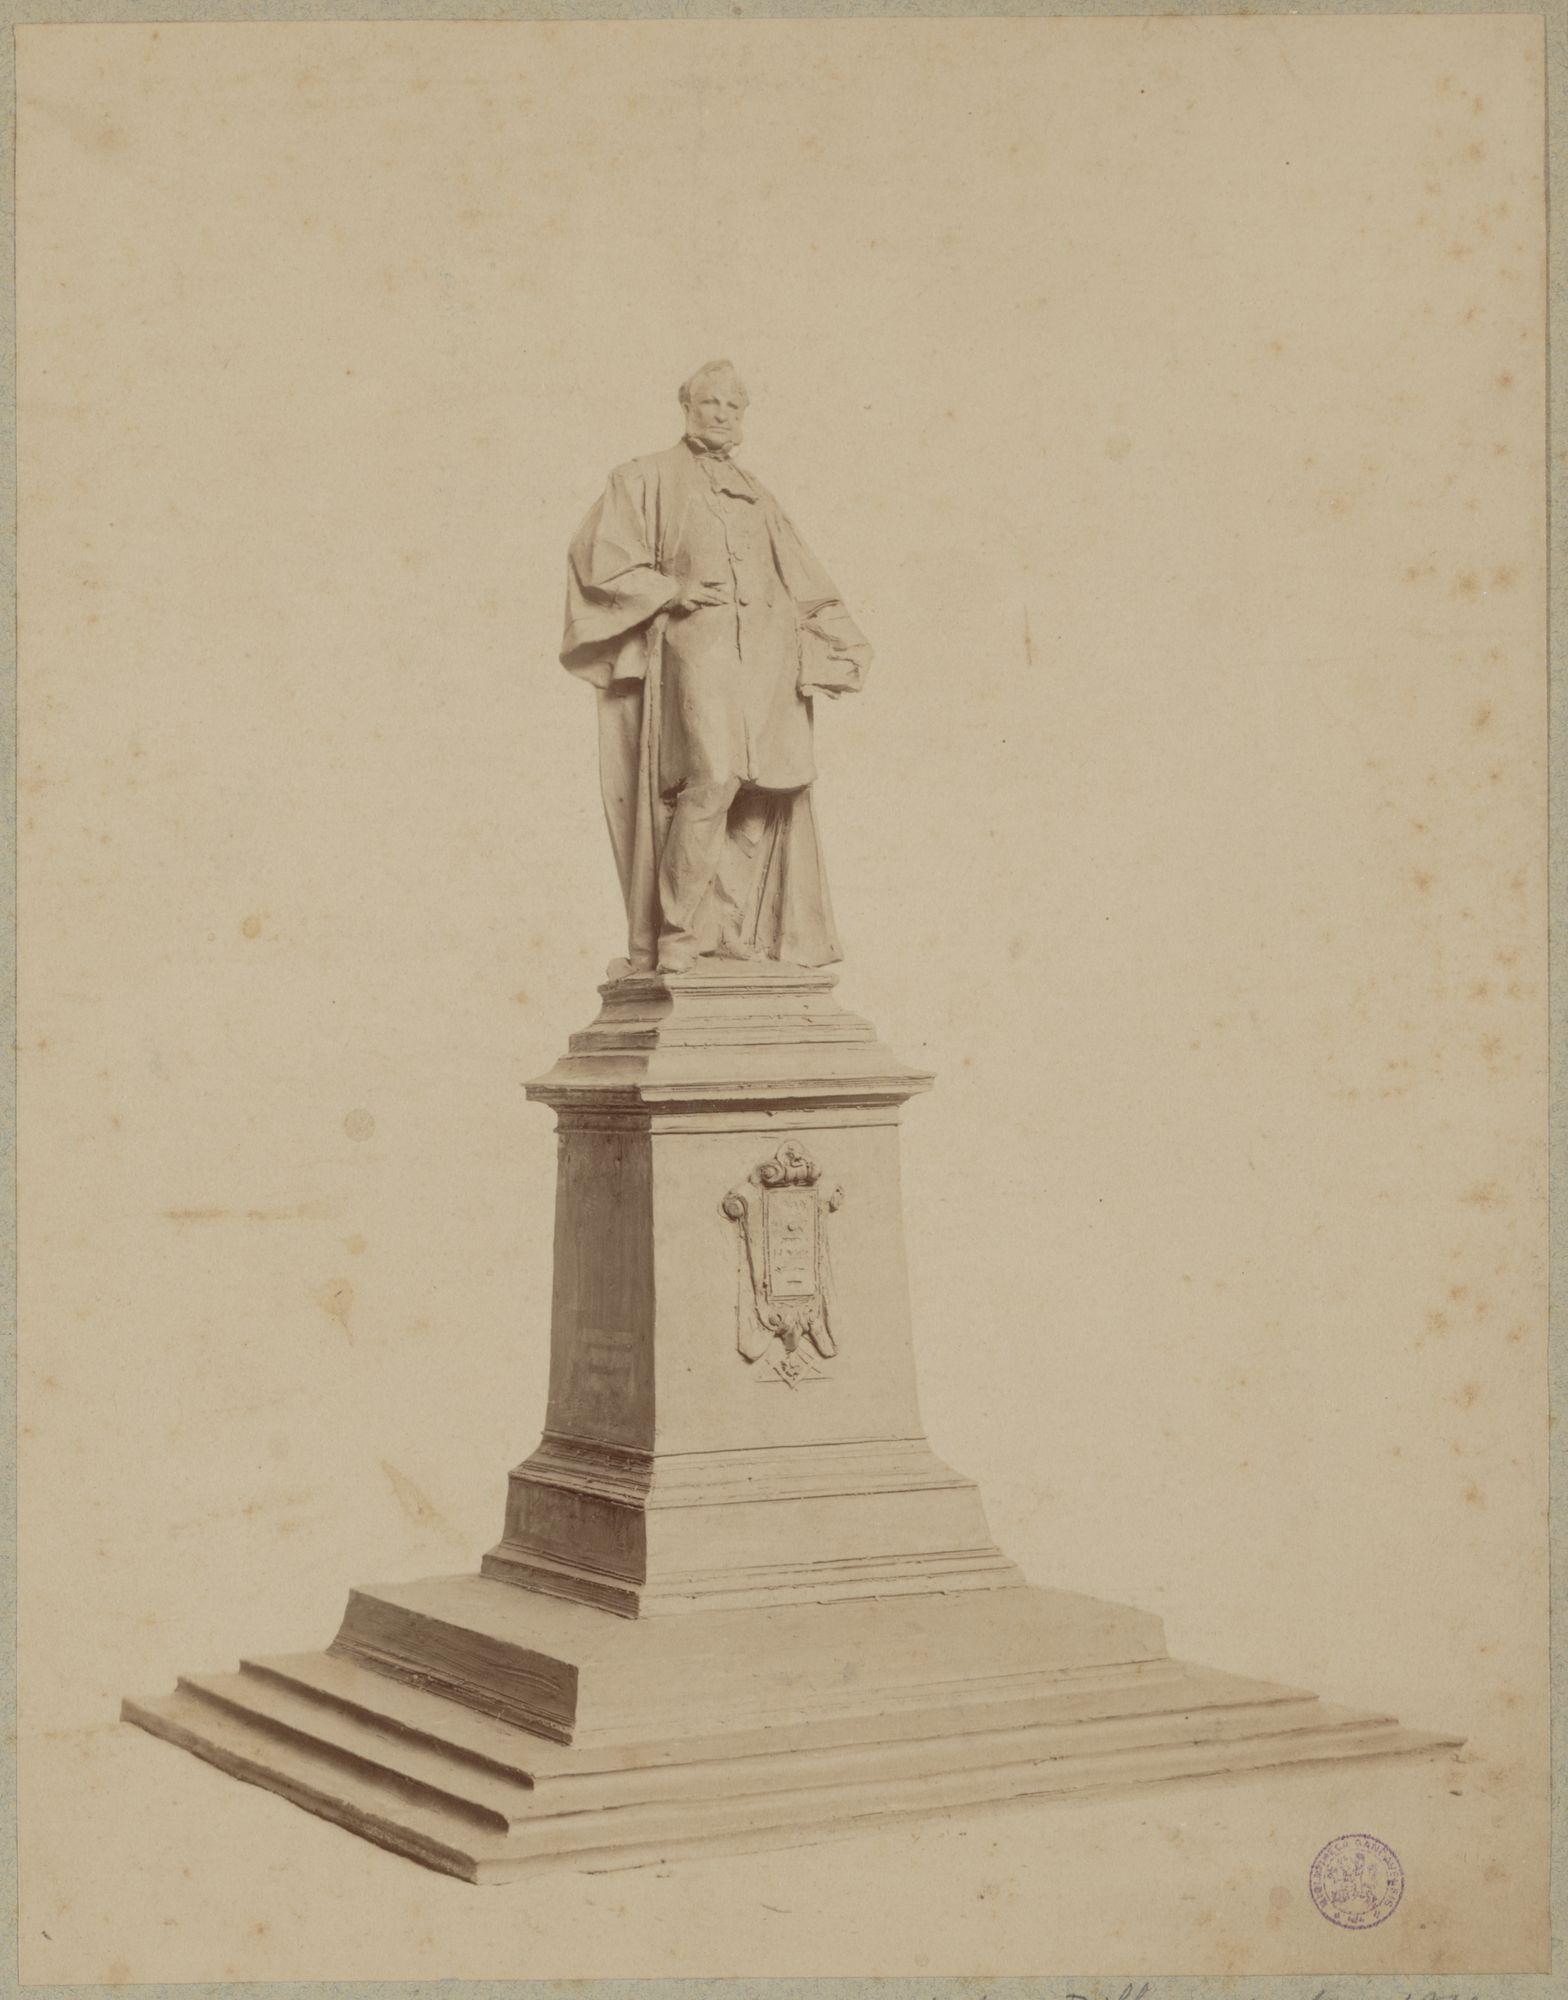 Gent: Koophandelsplein: Justitiepaleis (onzichtbaar) met standbeeld van Hippolyte Metdepenningen